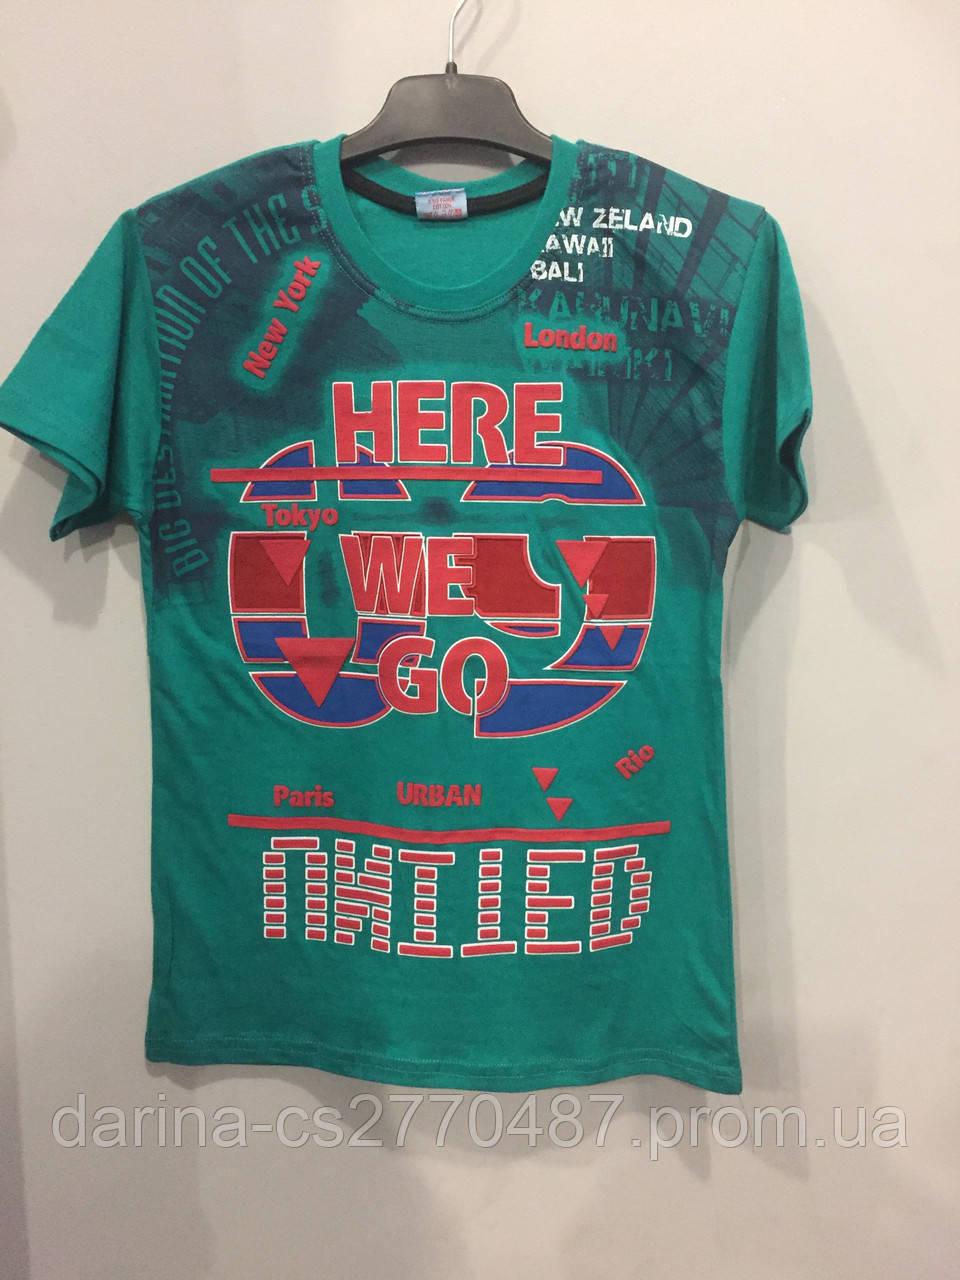 38370616a62 Подростковая футболка с 3Д принтом для мальчика - Дарина - интернет магазин  детской и мужской одежды